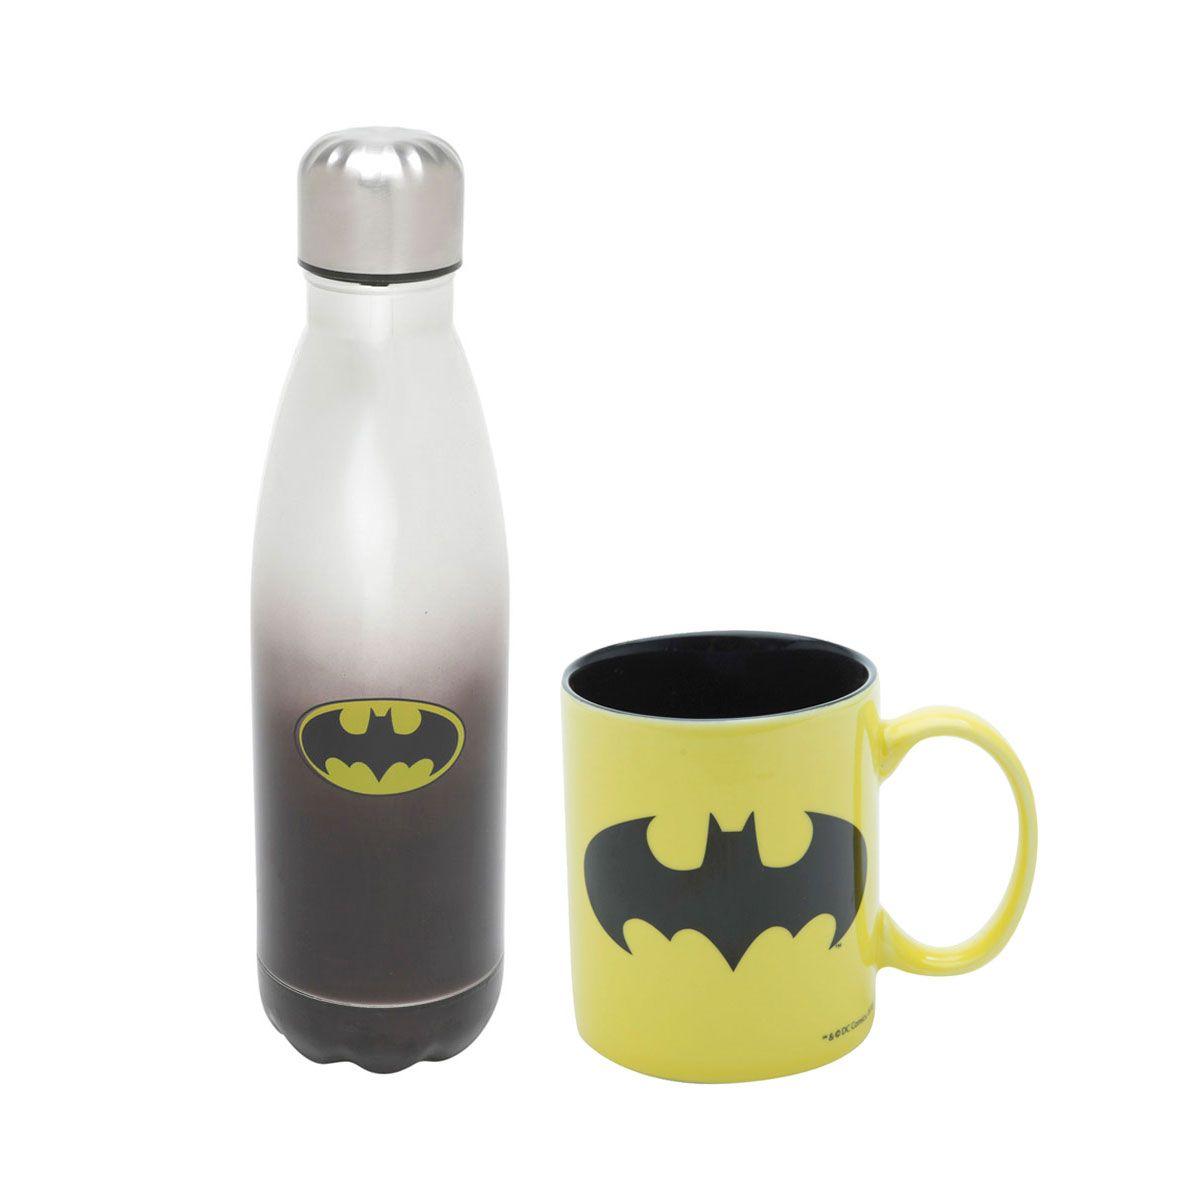 Kit Garrafa Térmica e Caneca Batman Dc Comics